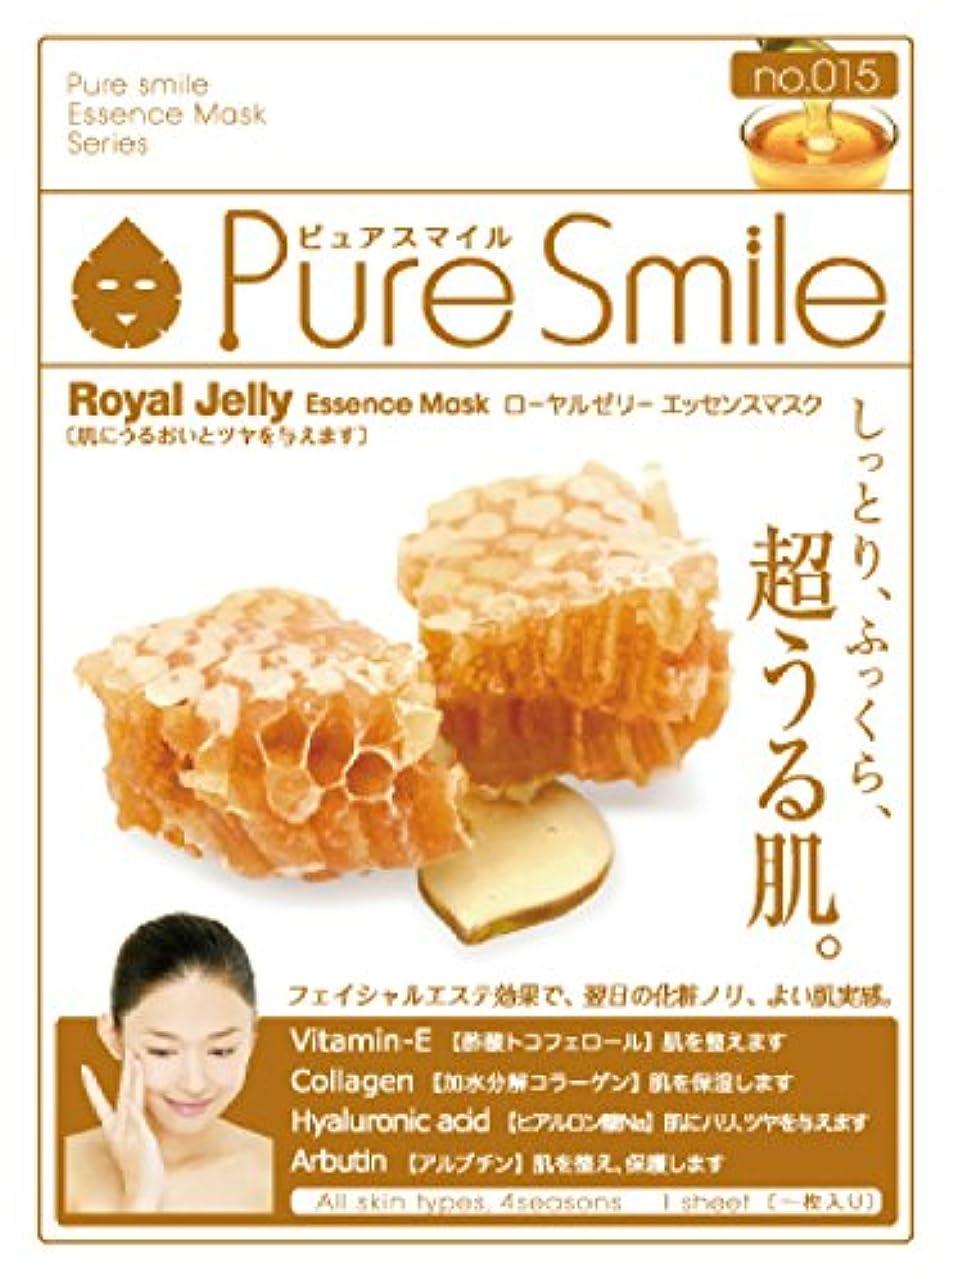 中世のベット熱帯のPure Smile エッセンスマスク ローヤルゼリー 23ml?30枚